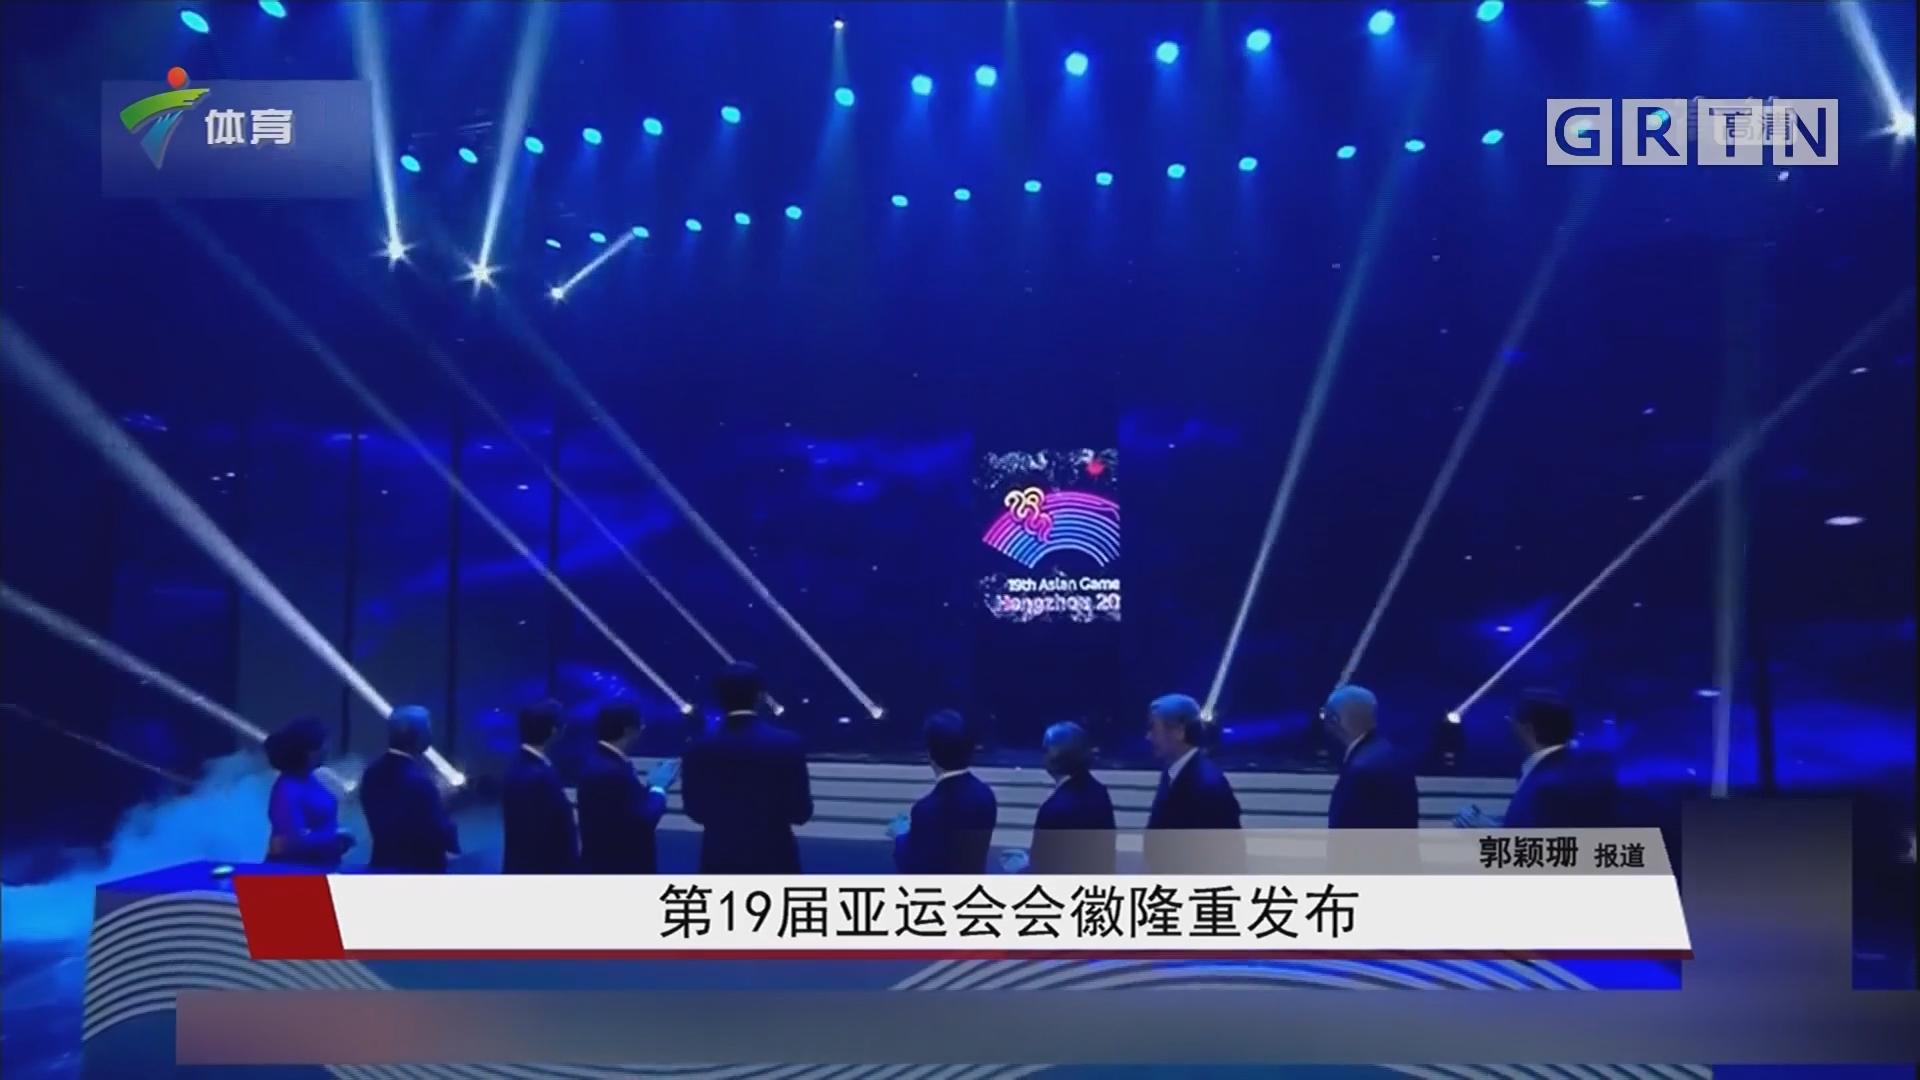 第19届亚运会会徽隆重发布